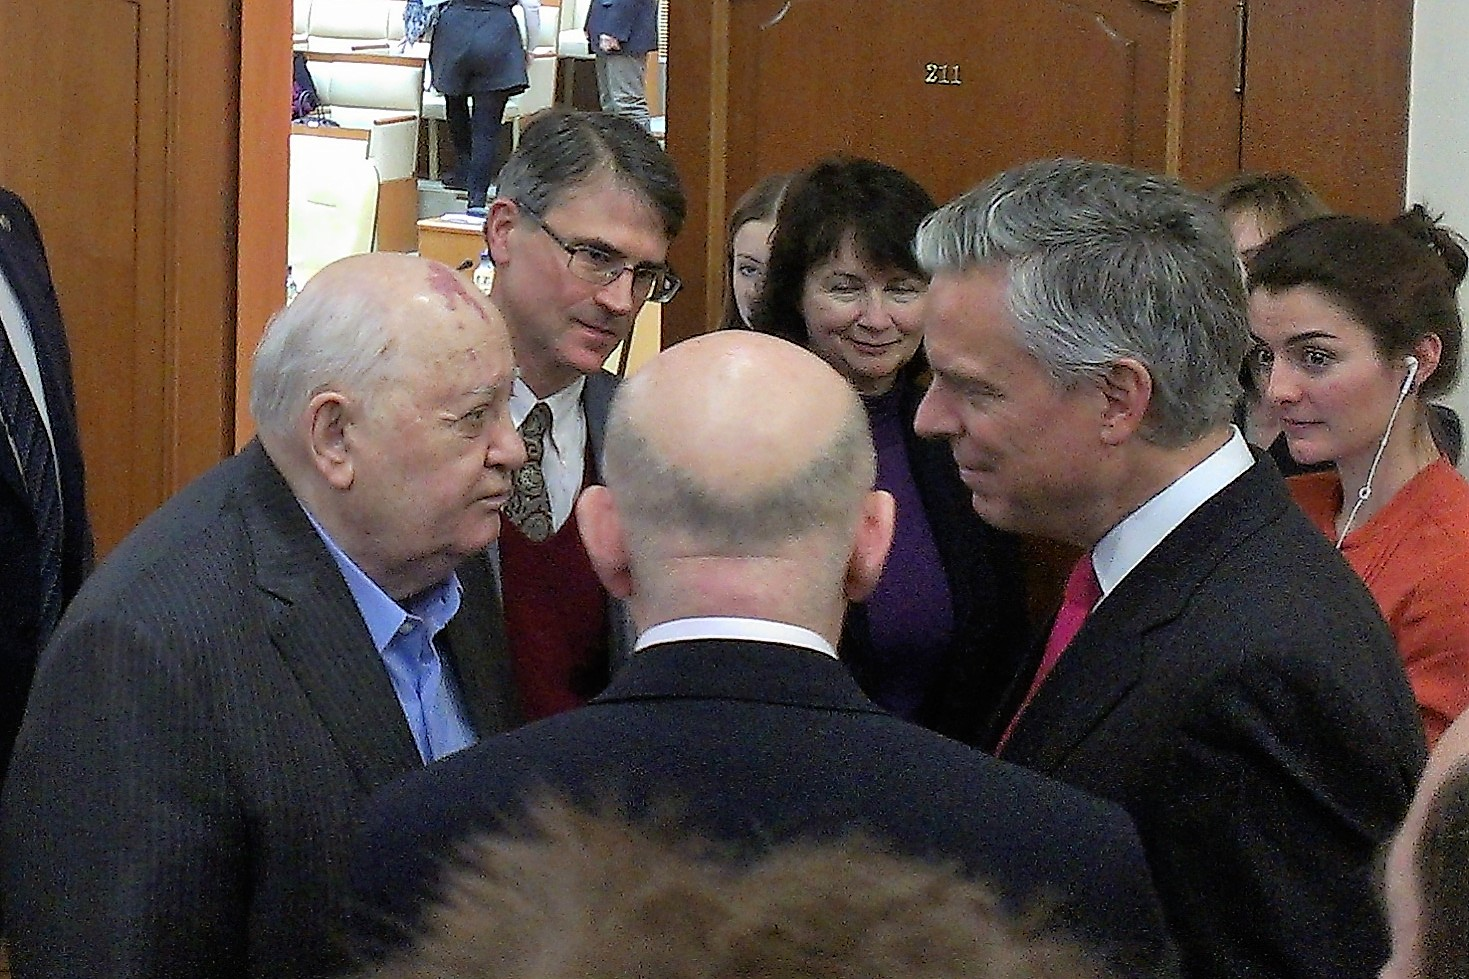 Горбачёв, Джастин, Палажченко и посол Джон Хантсман  Фото: Мария Булигина, издательство Весь Мир